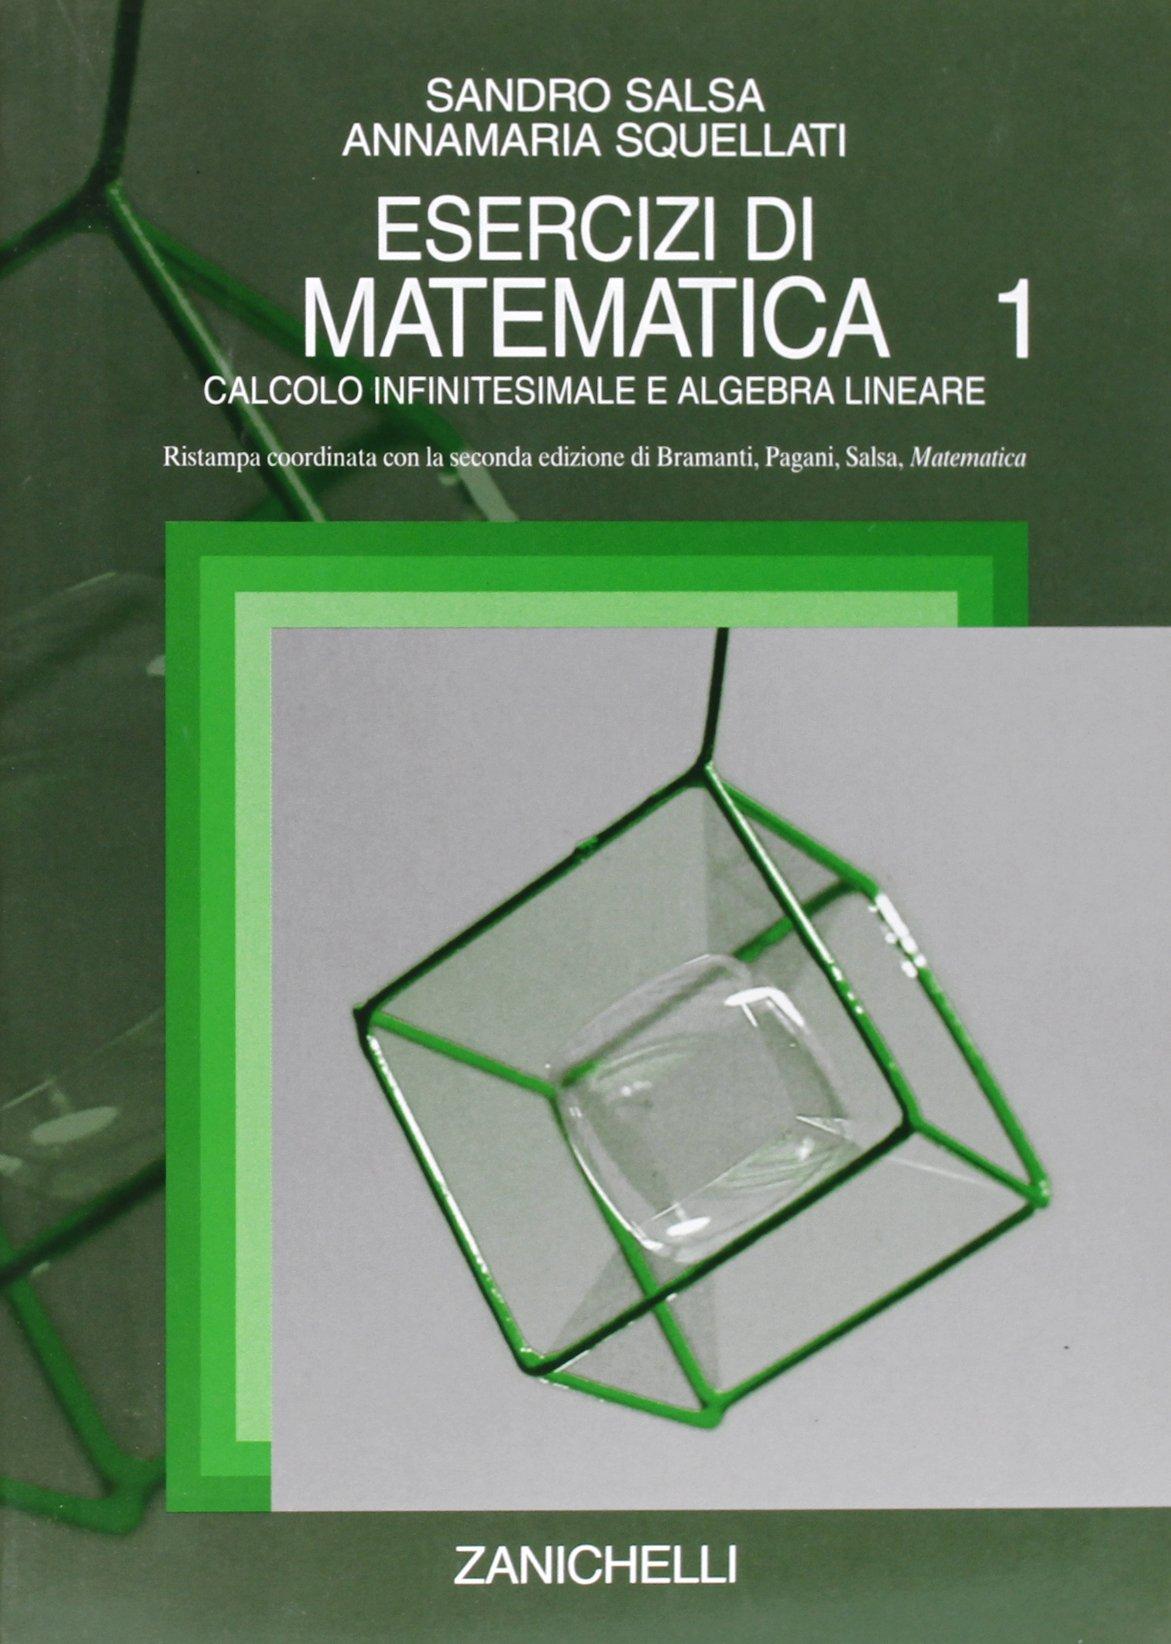 Analisi Matematica 1 Bramanti Pagani Salsa Zanichelli Pdf